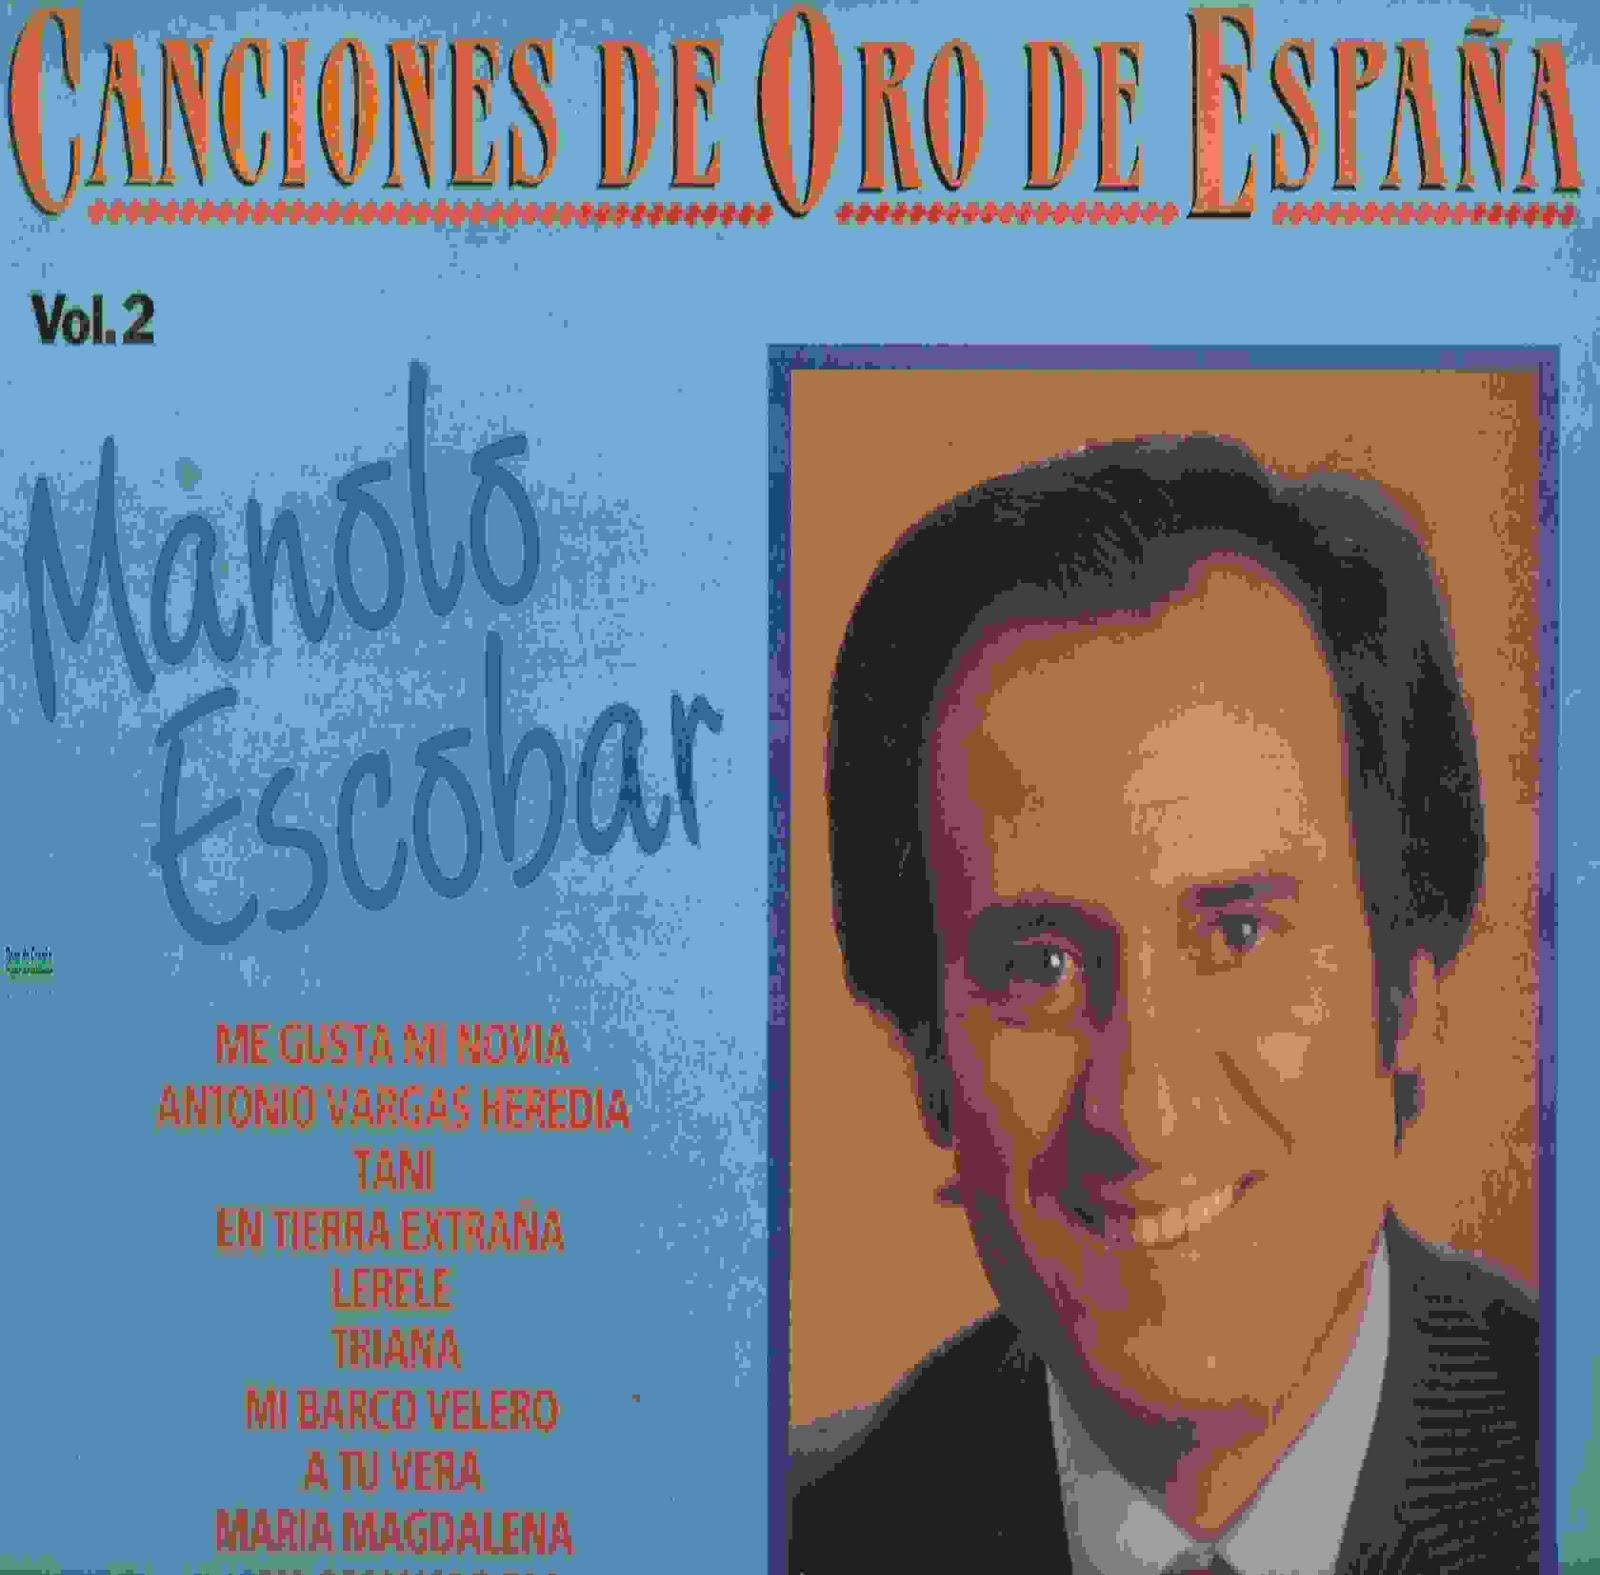 http://2.bp.blogspot.com/-wyB83S3GpwU/UJmo_HLp65I/AAAAAAAAjIE/Yh6ol5Sbsa0/s1600/canciones+de+oro+de+Espa%C3%B1a+-1+001.jpg